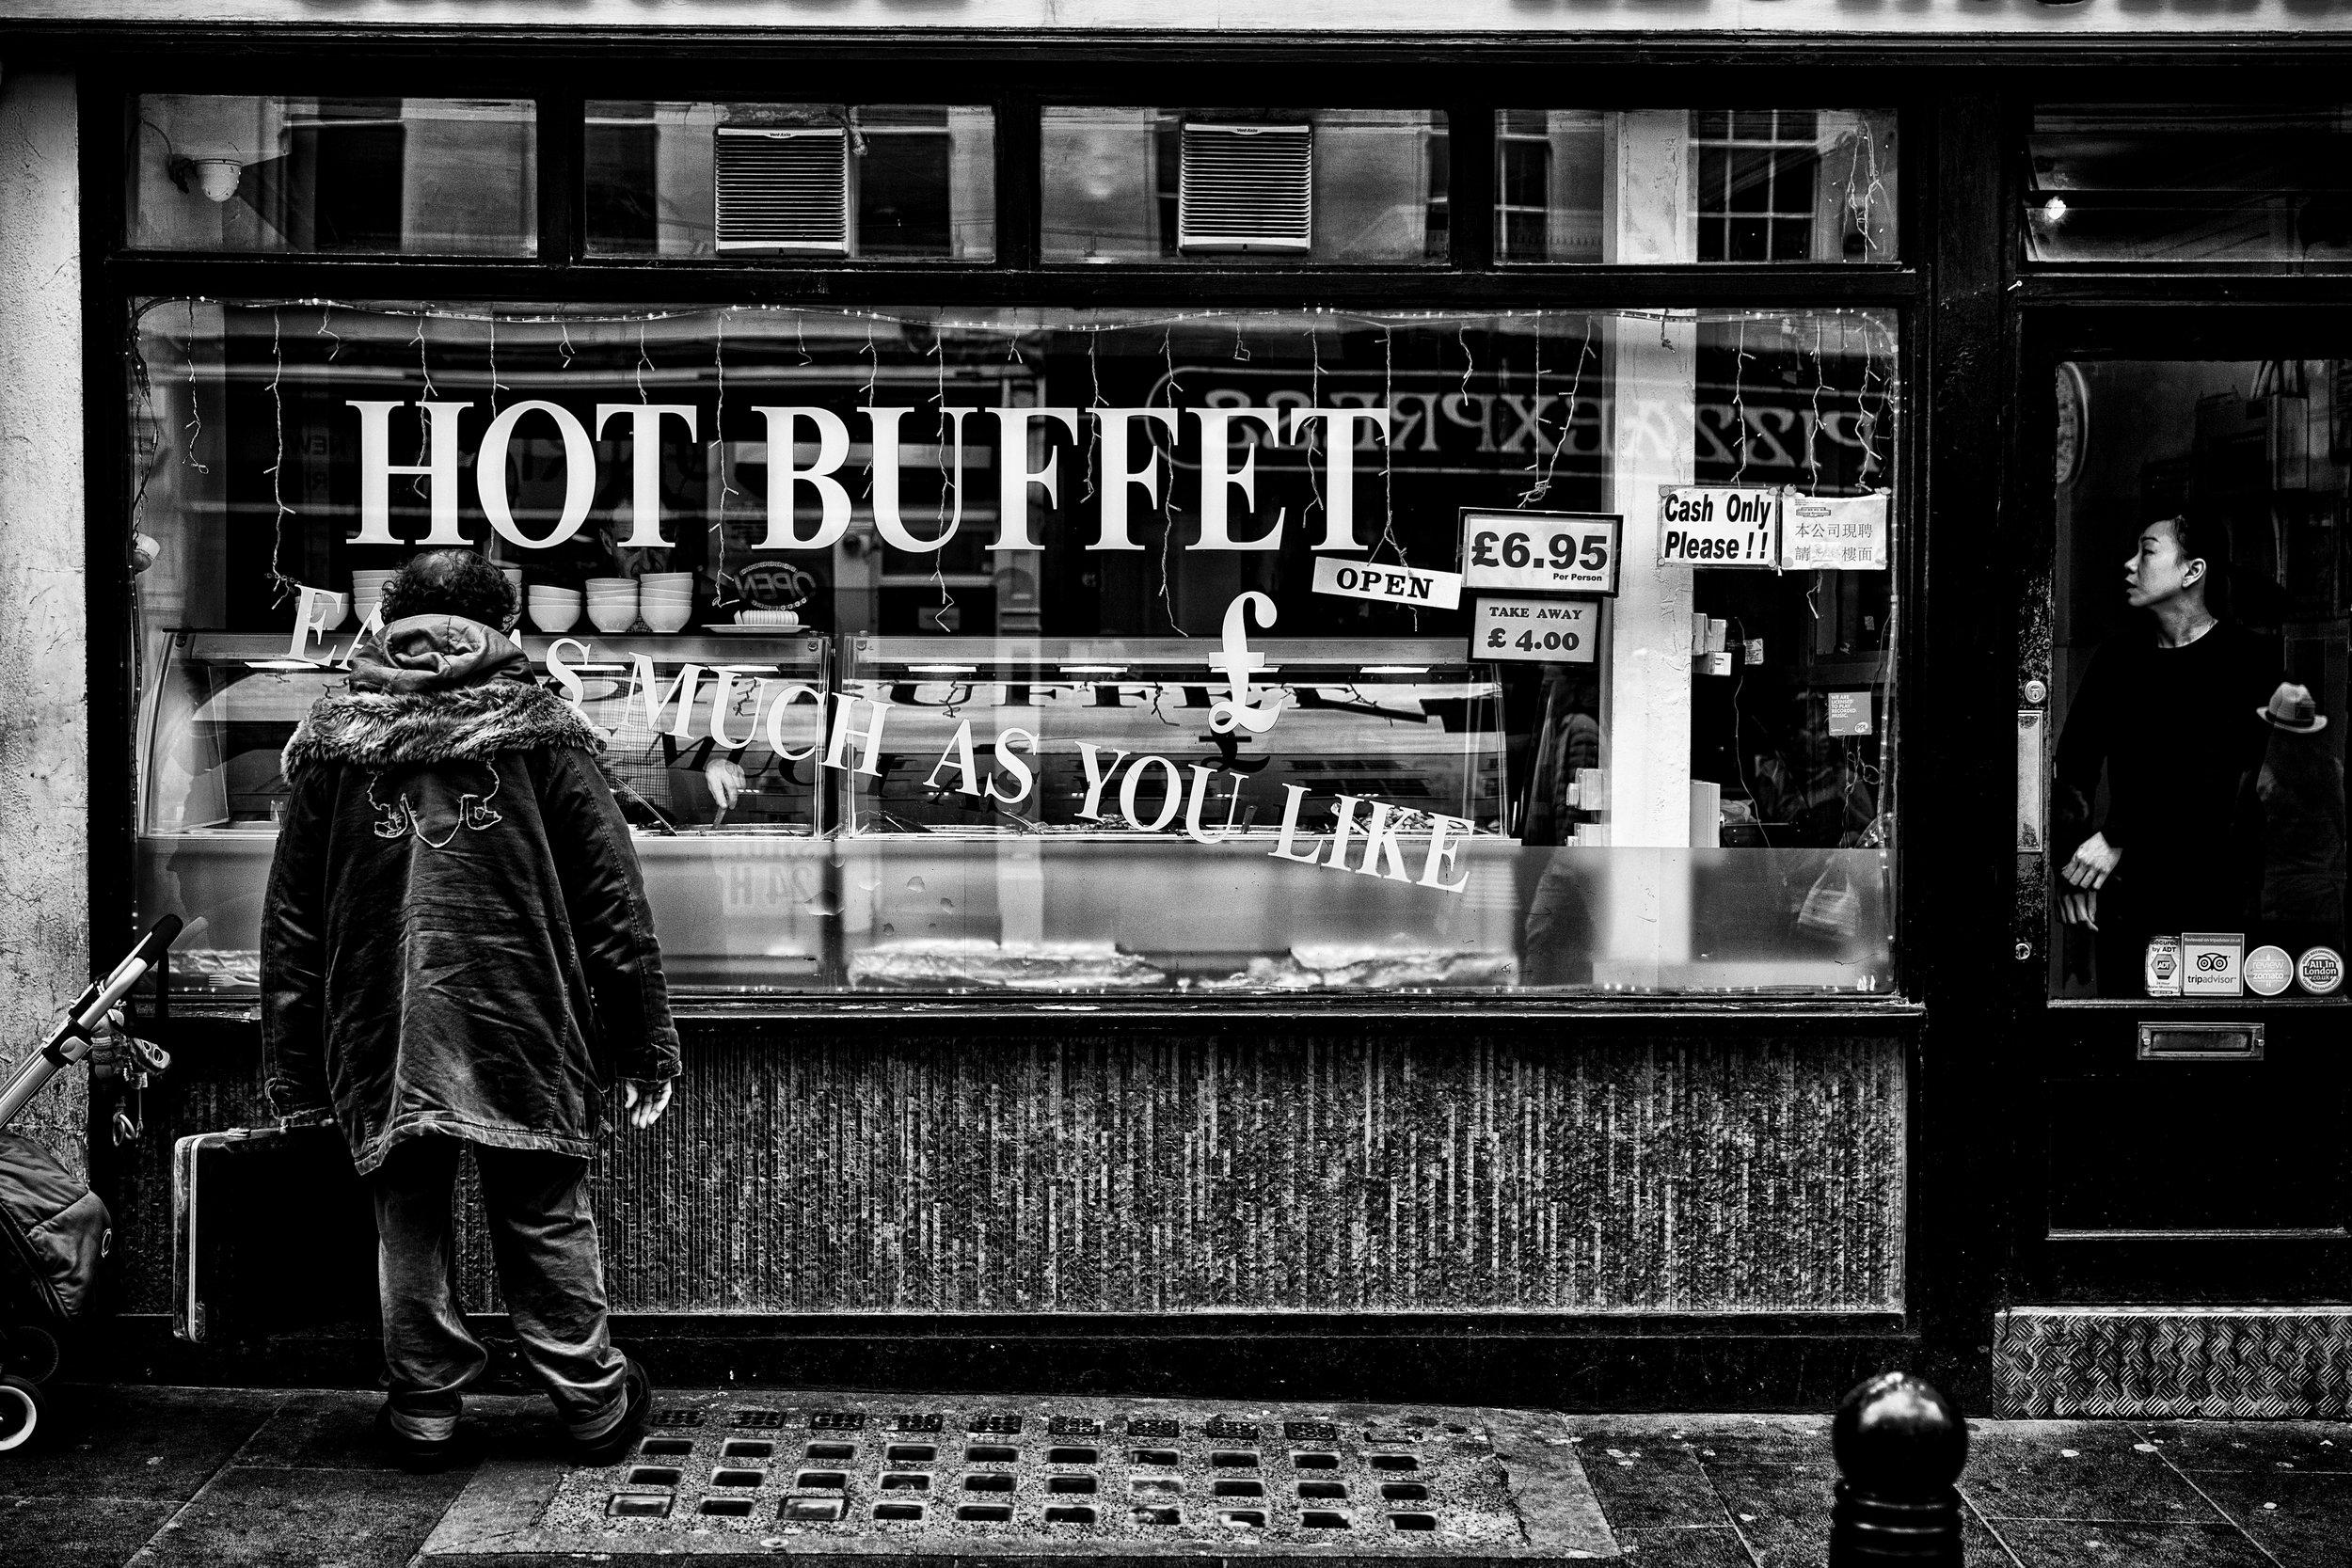 Hot Buffet.